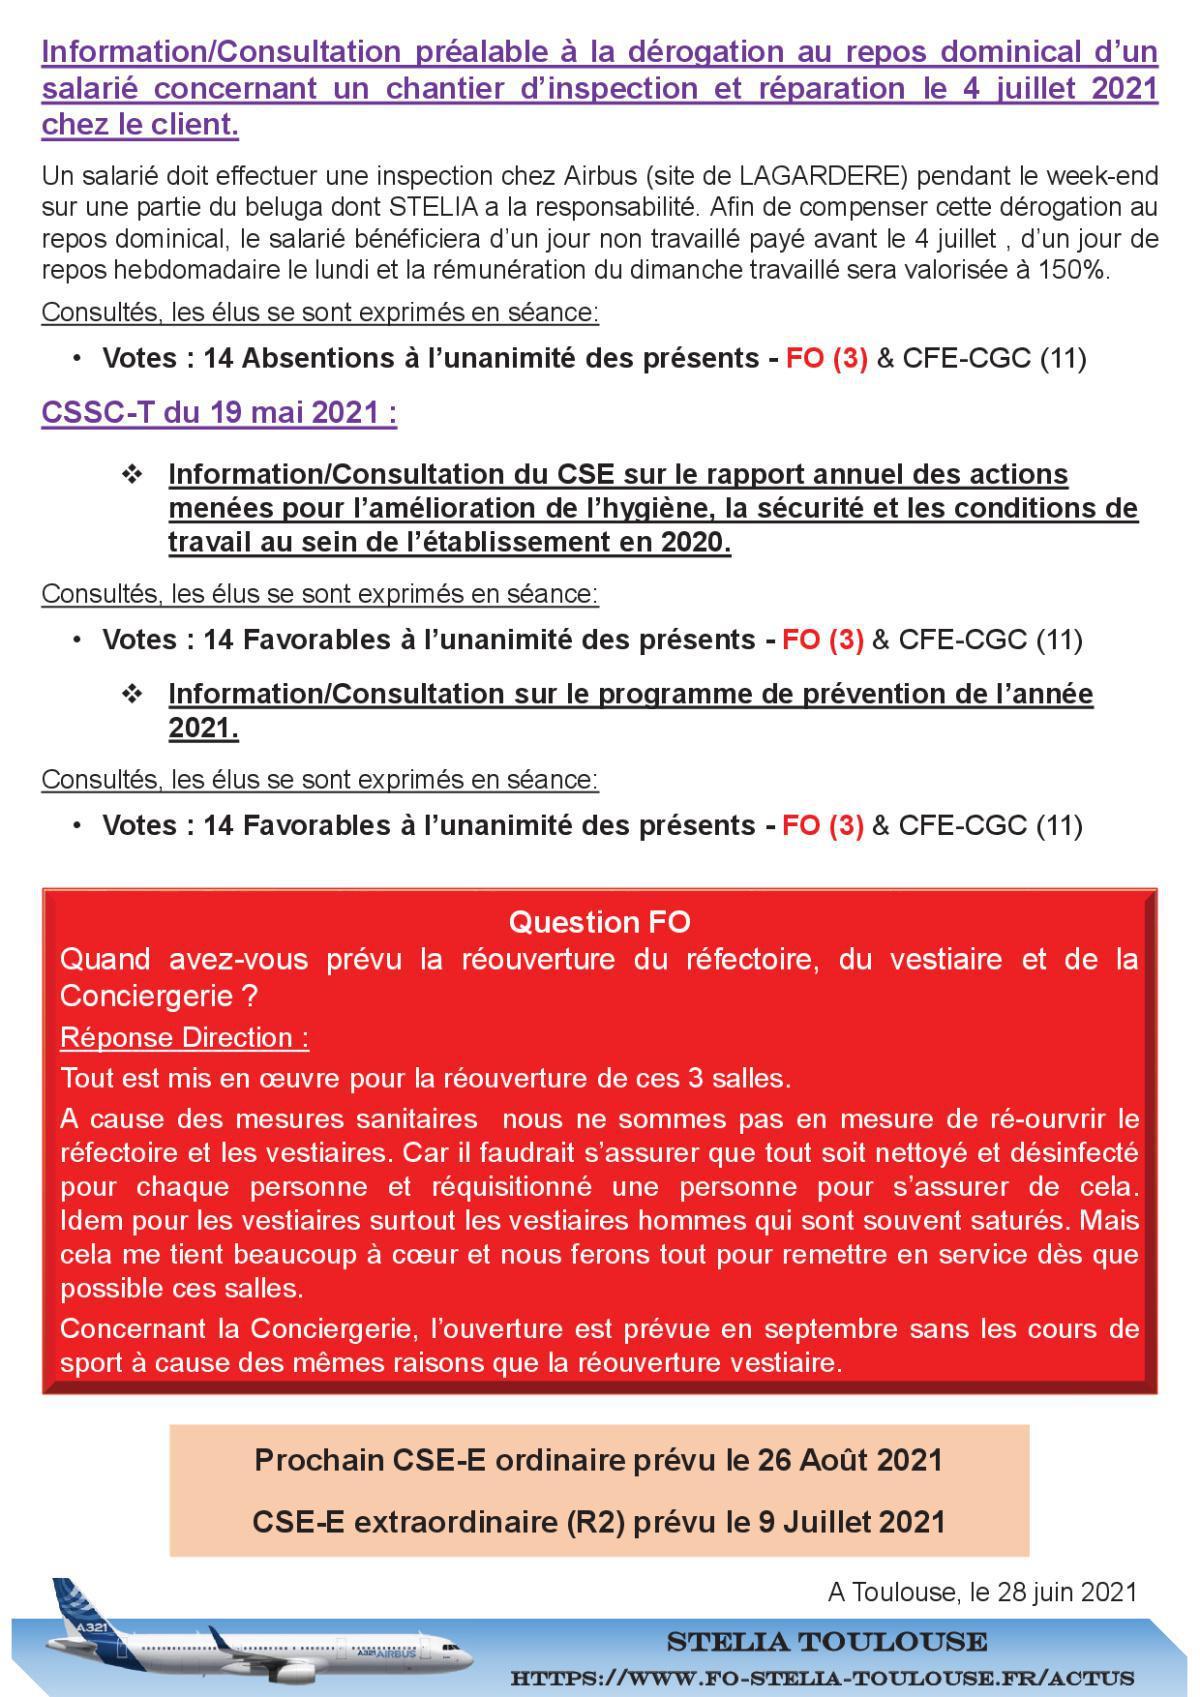 Compte Rendu succinct CSE-E du 25 Juin 2021